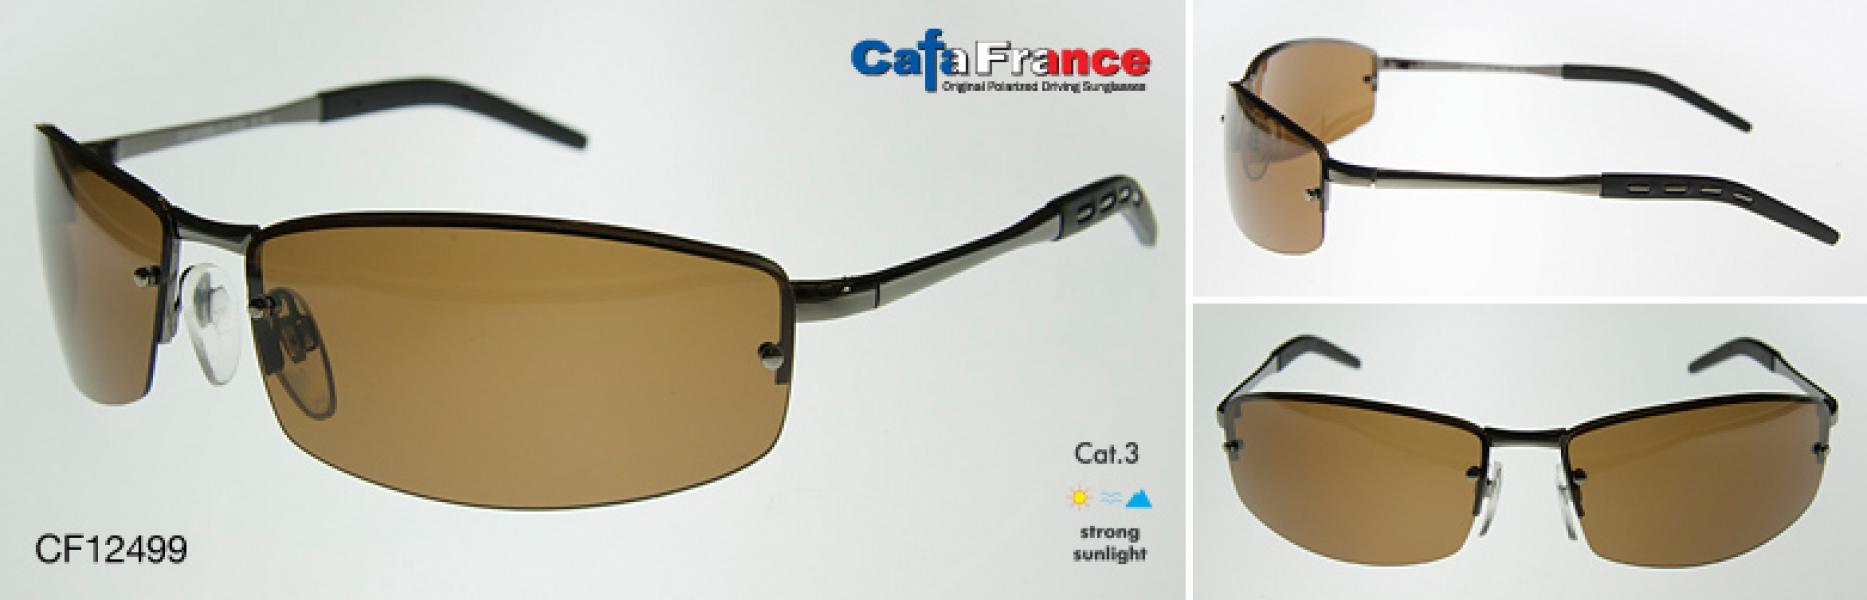 Очки поляризационные мужские Cafa France cf12499